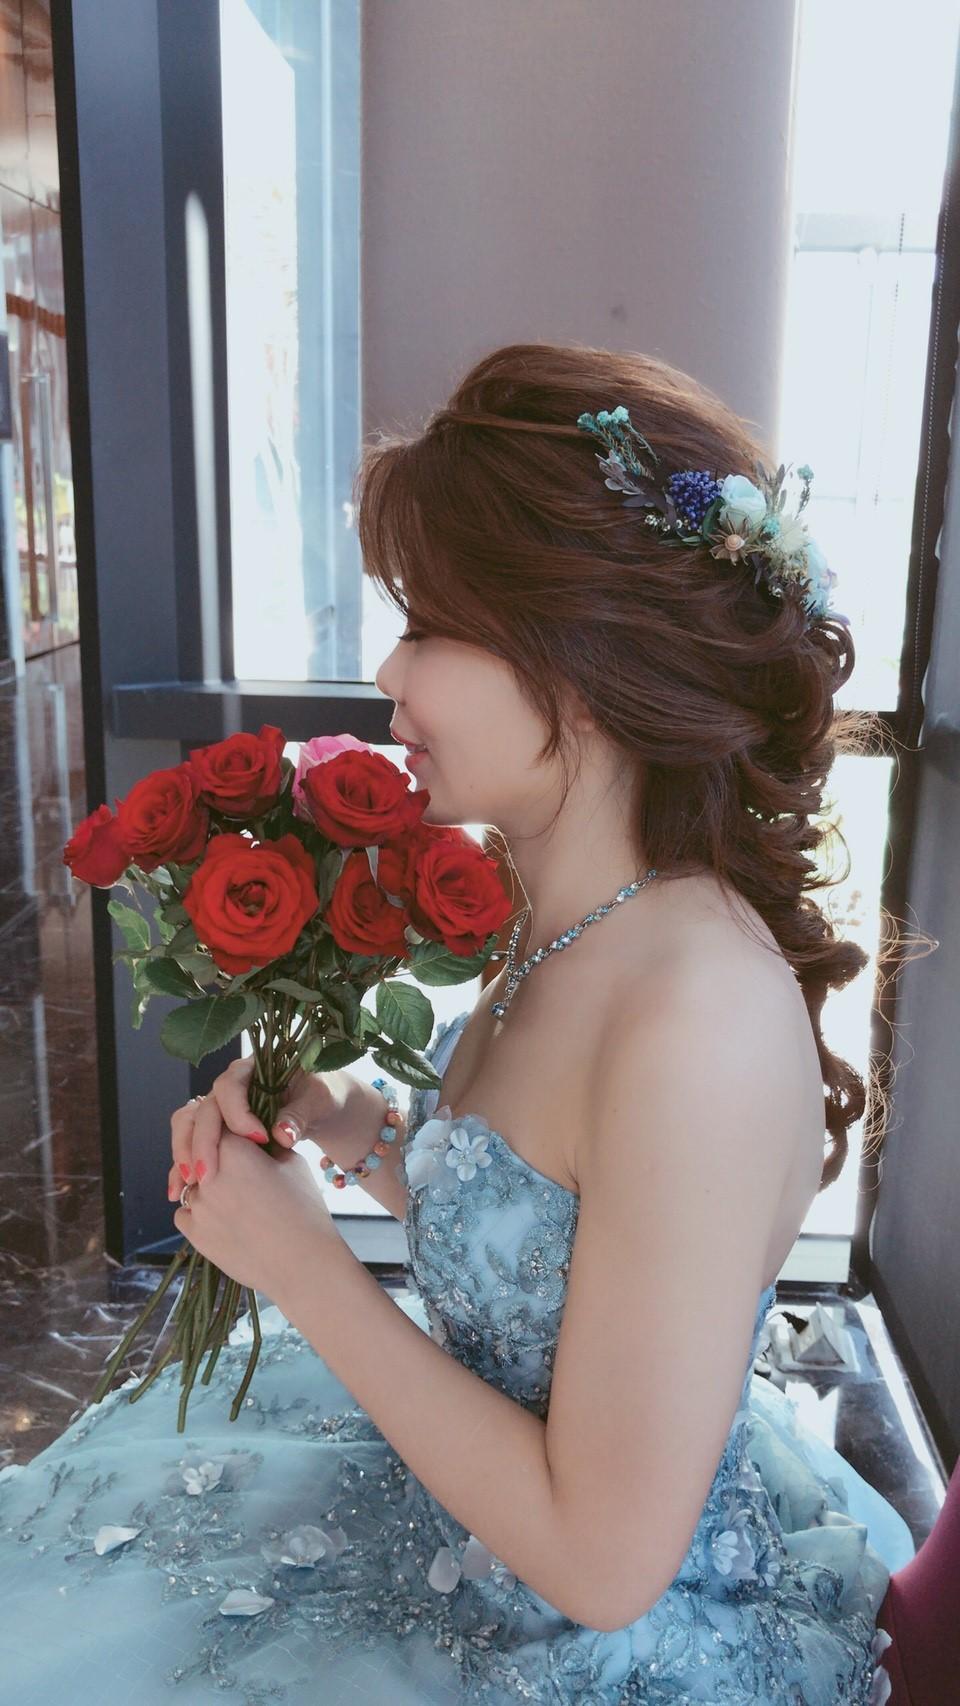 莉瑾聖誕婚禮_180119_0035 - Lillian 新娘秘書造型工作室《結婚吧》